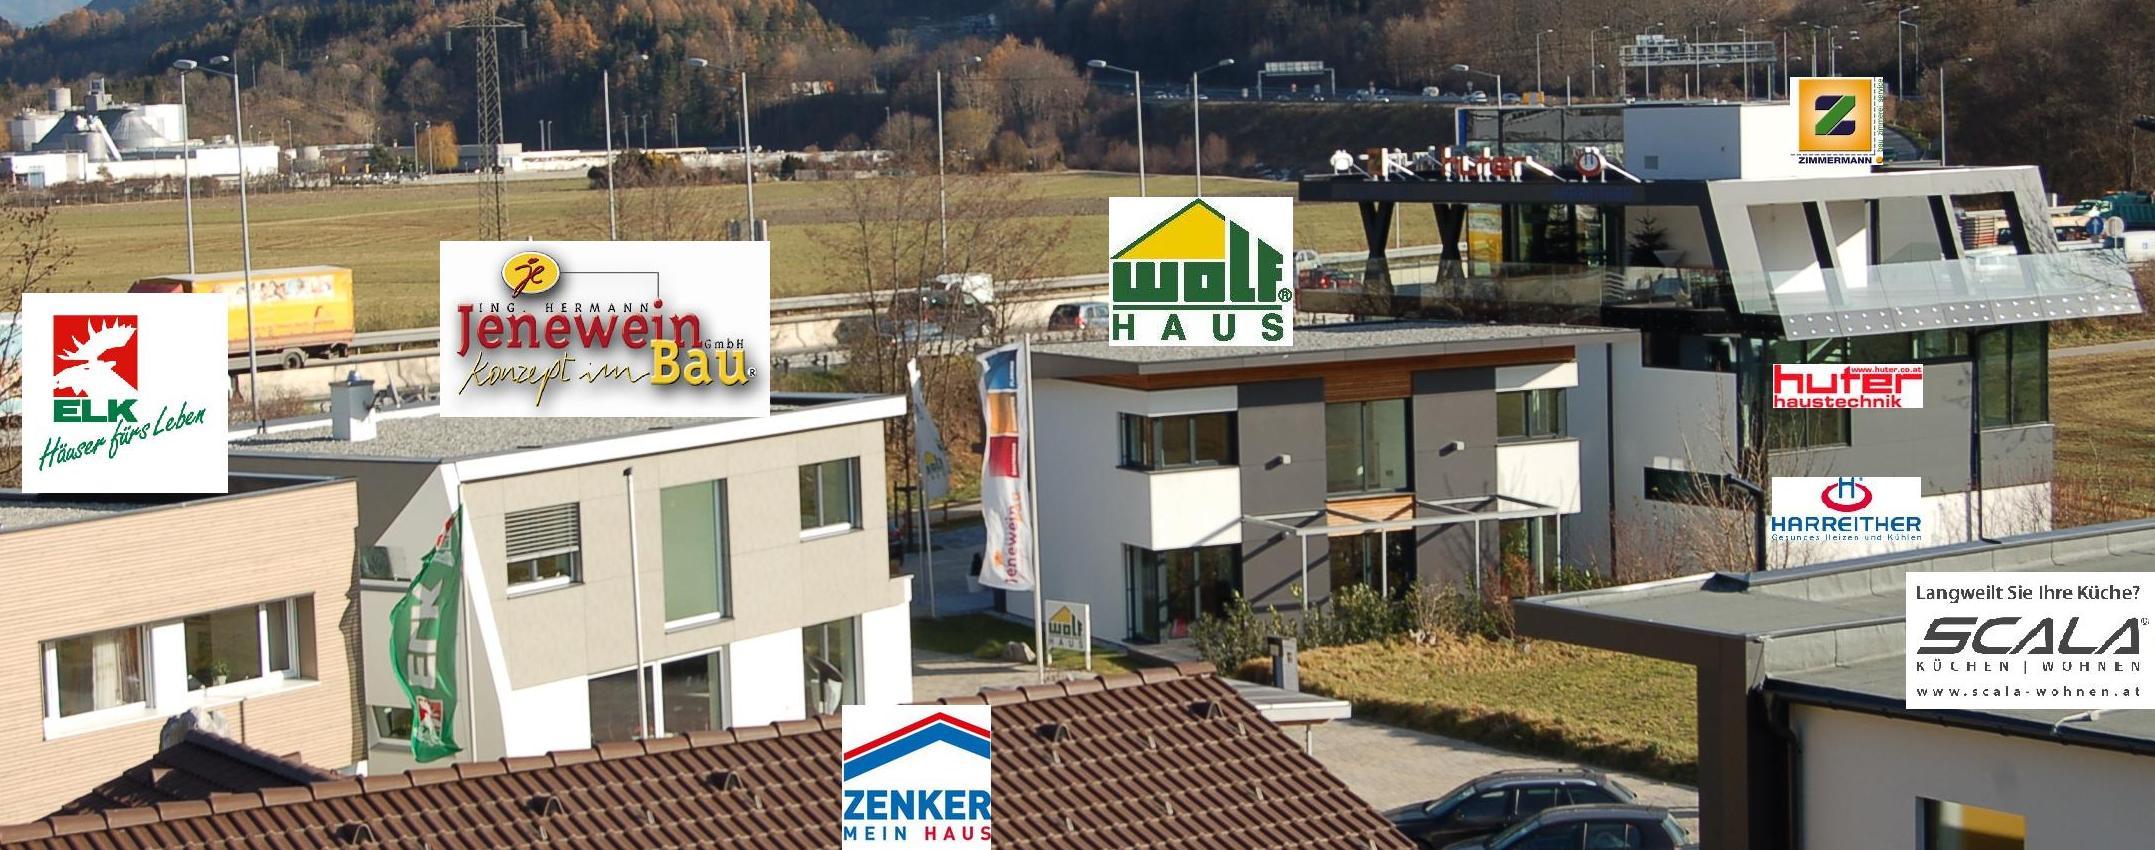 Fertighäuser Elk Wolf Schafferer Holzbau, Zenker Hausbau und co